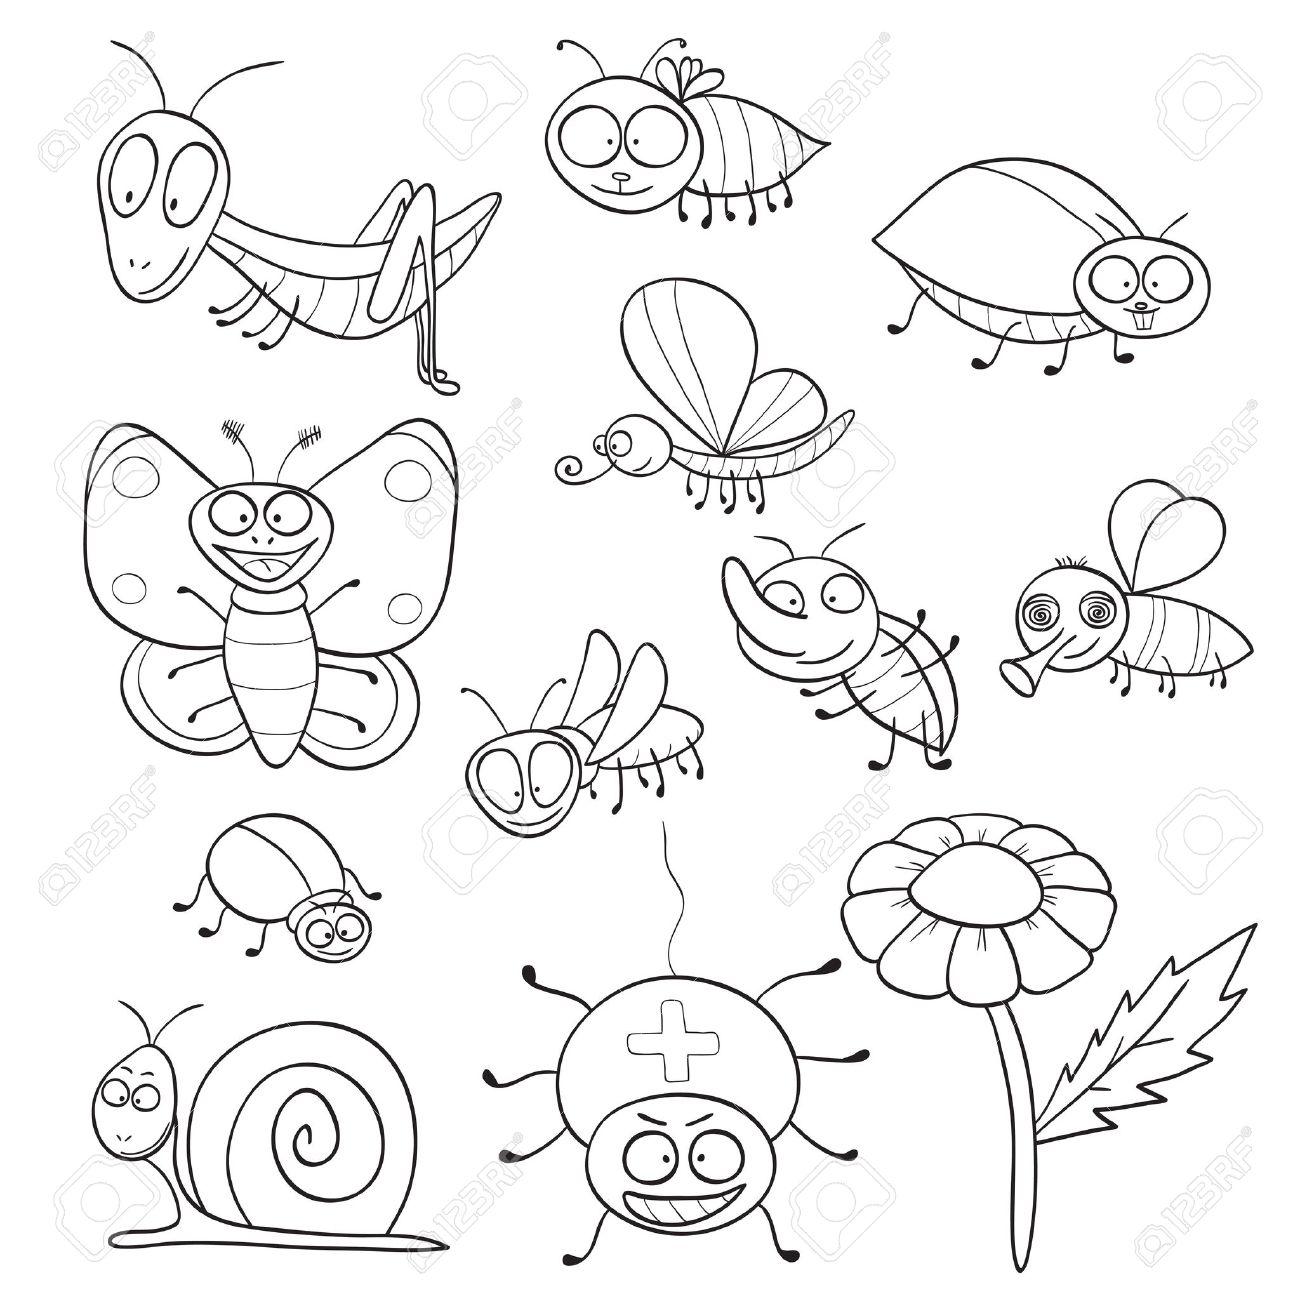 Esbozado Insectos Lindo De La Historieta Para Libro Para Colorear ...